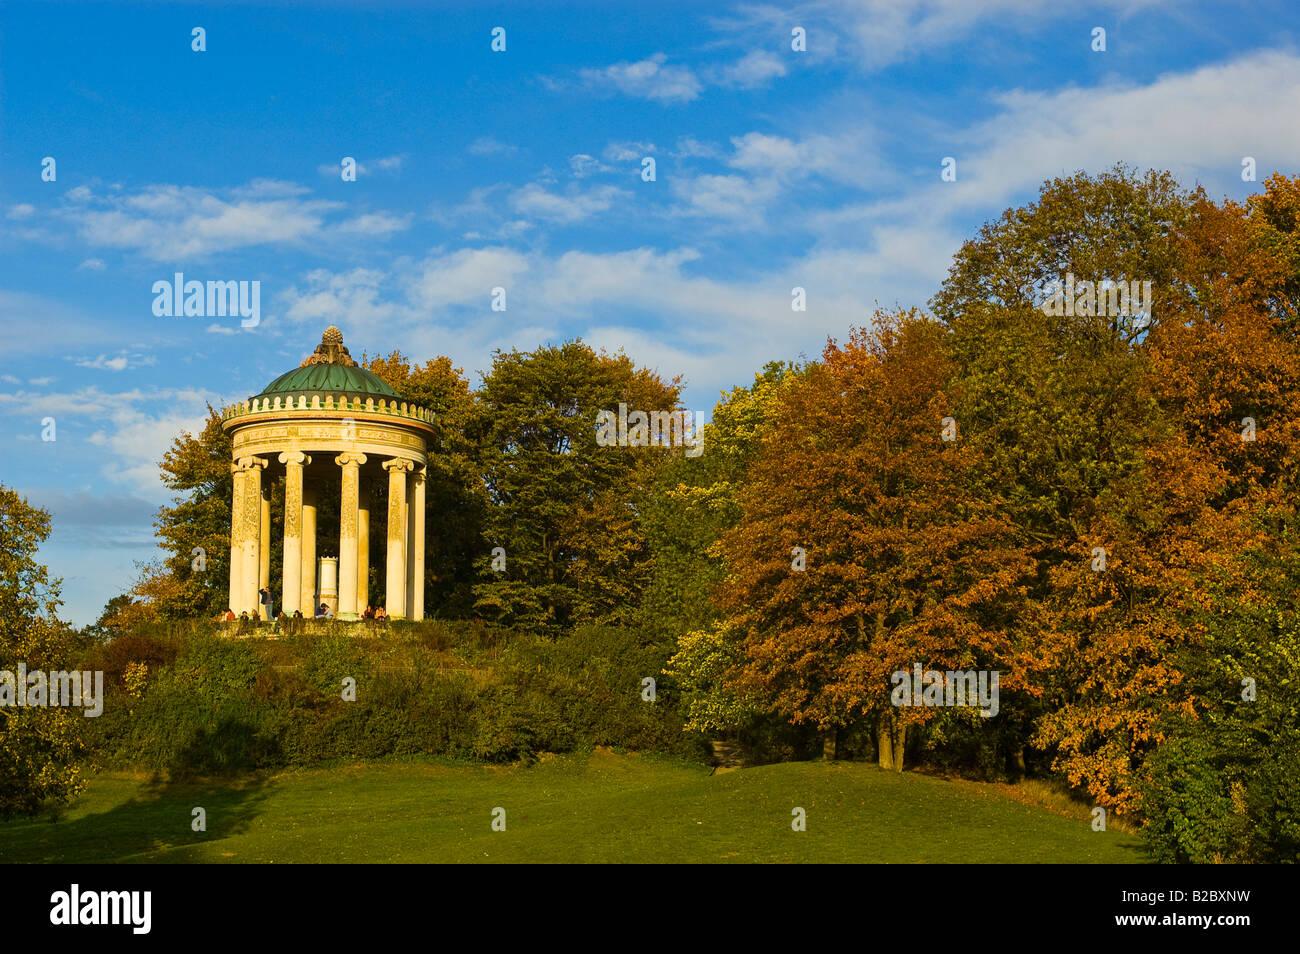 Monopterus Pavillon Englischer Garten München Bayern